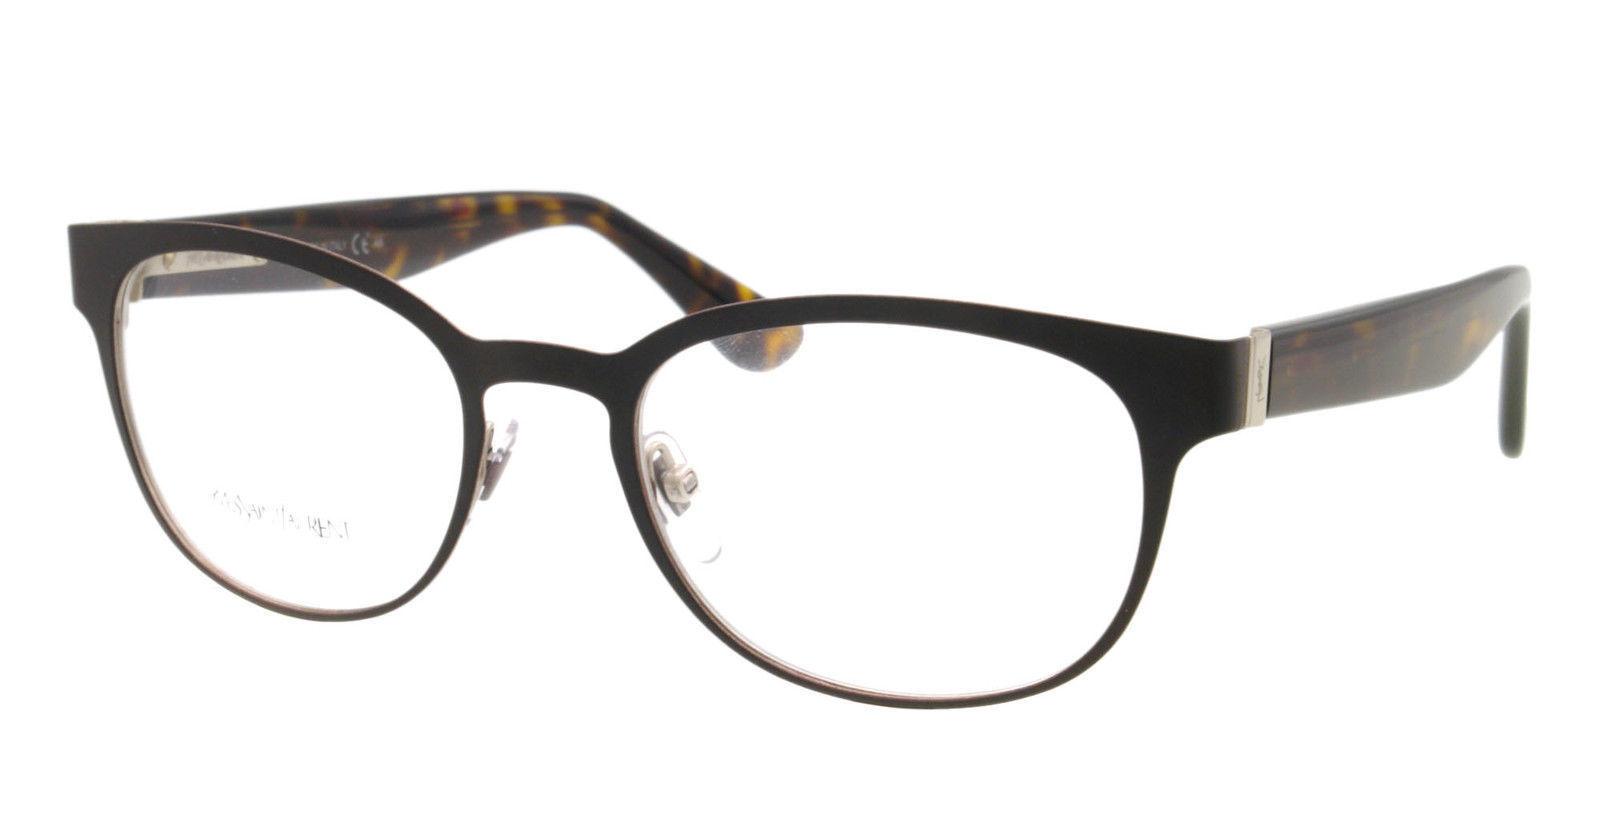 NEW Yves Saint Laurent Eyeglasses YSL 2356 Havana 7H5 ...